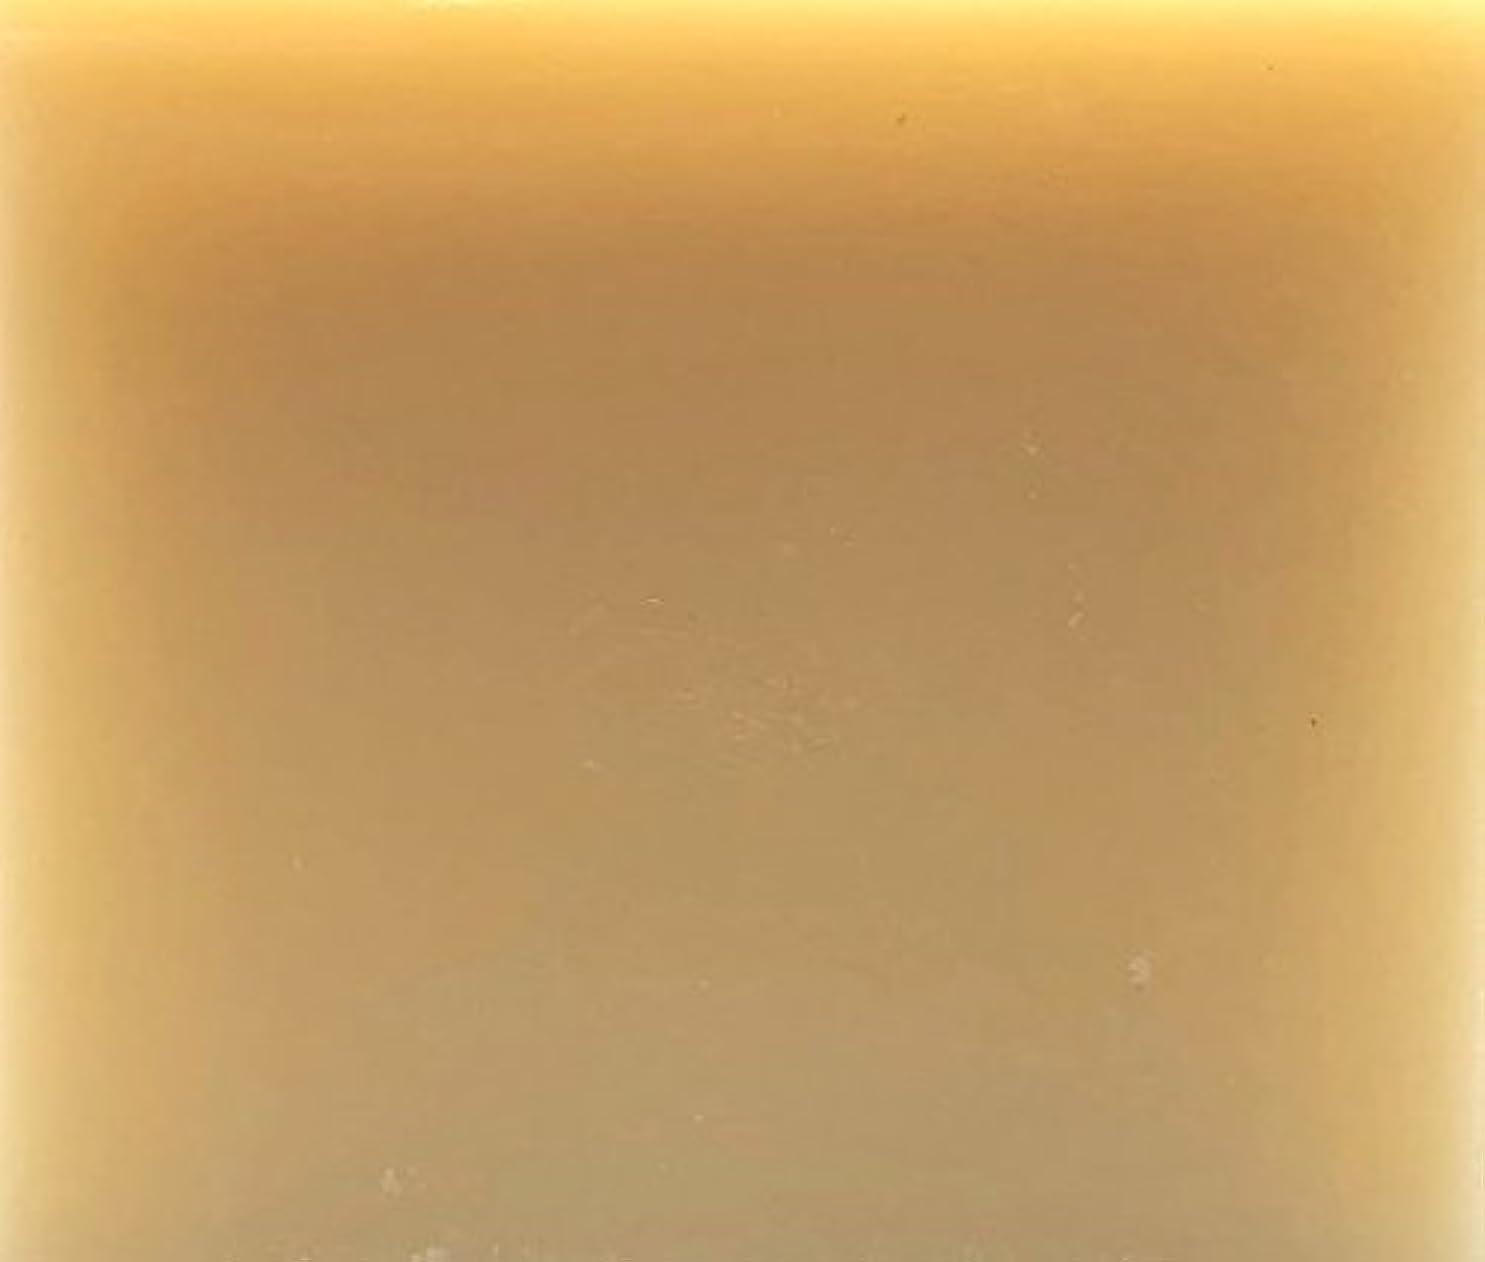 衝突するくるみ精度篠山石鹸 ひのき 90g 自家製精油でコールドプロセス製法で作った手作り石けん